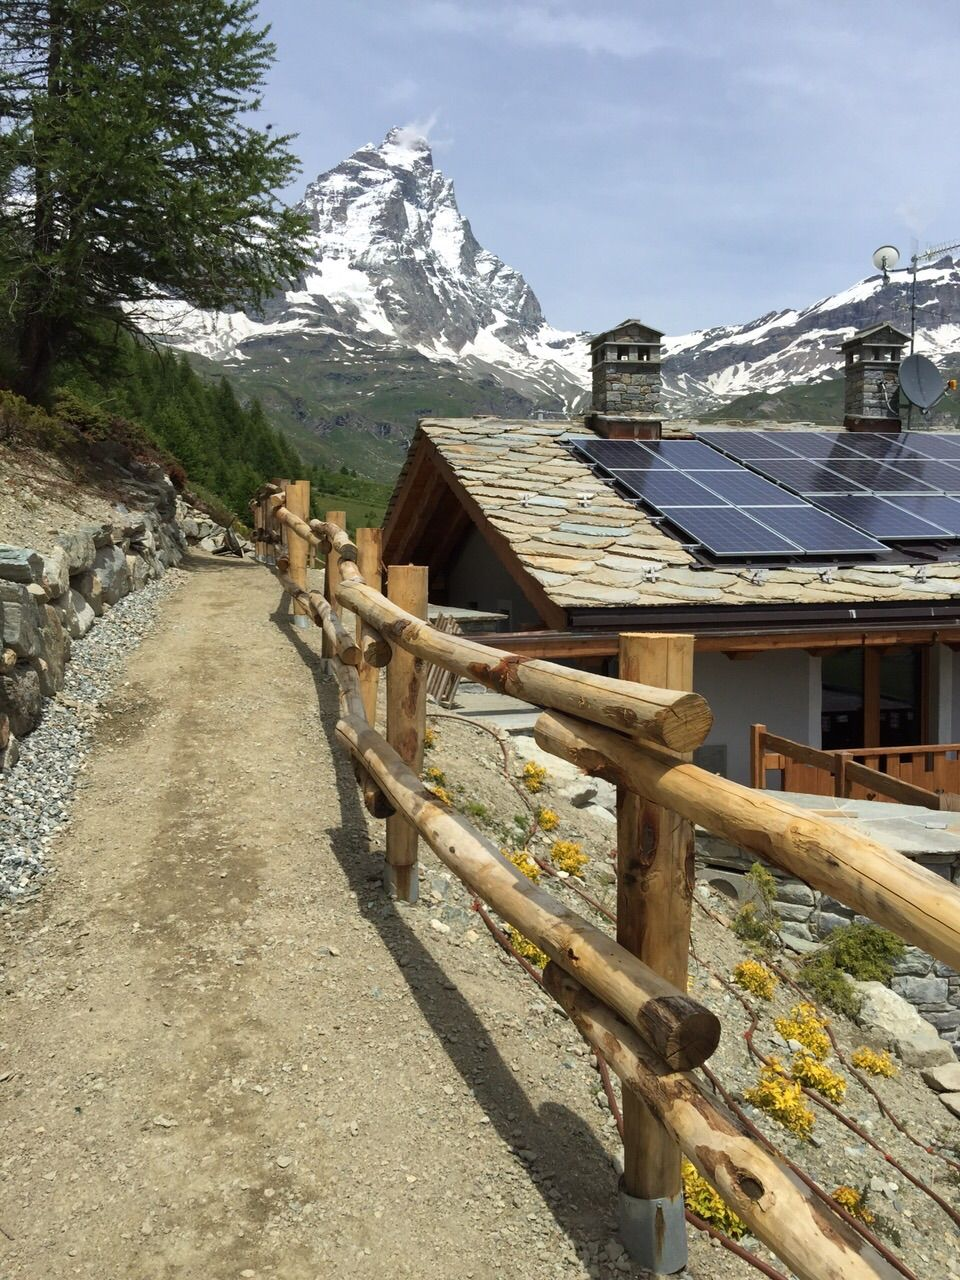 Recinzioni Per Case Di Montagna palizzata in castagno (con immagini) | recinzioni da